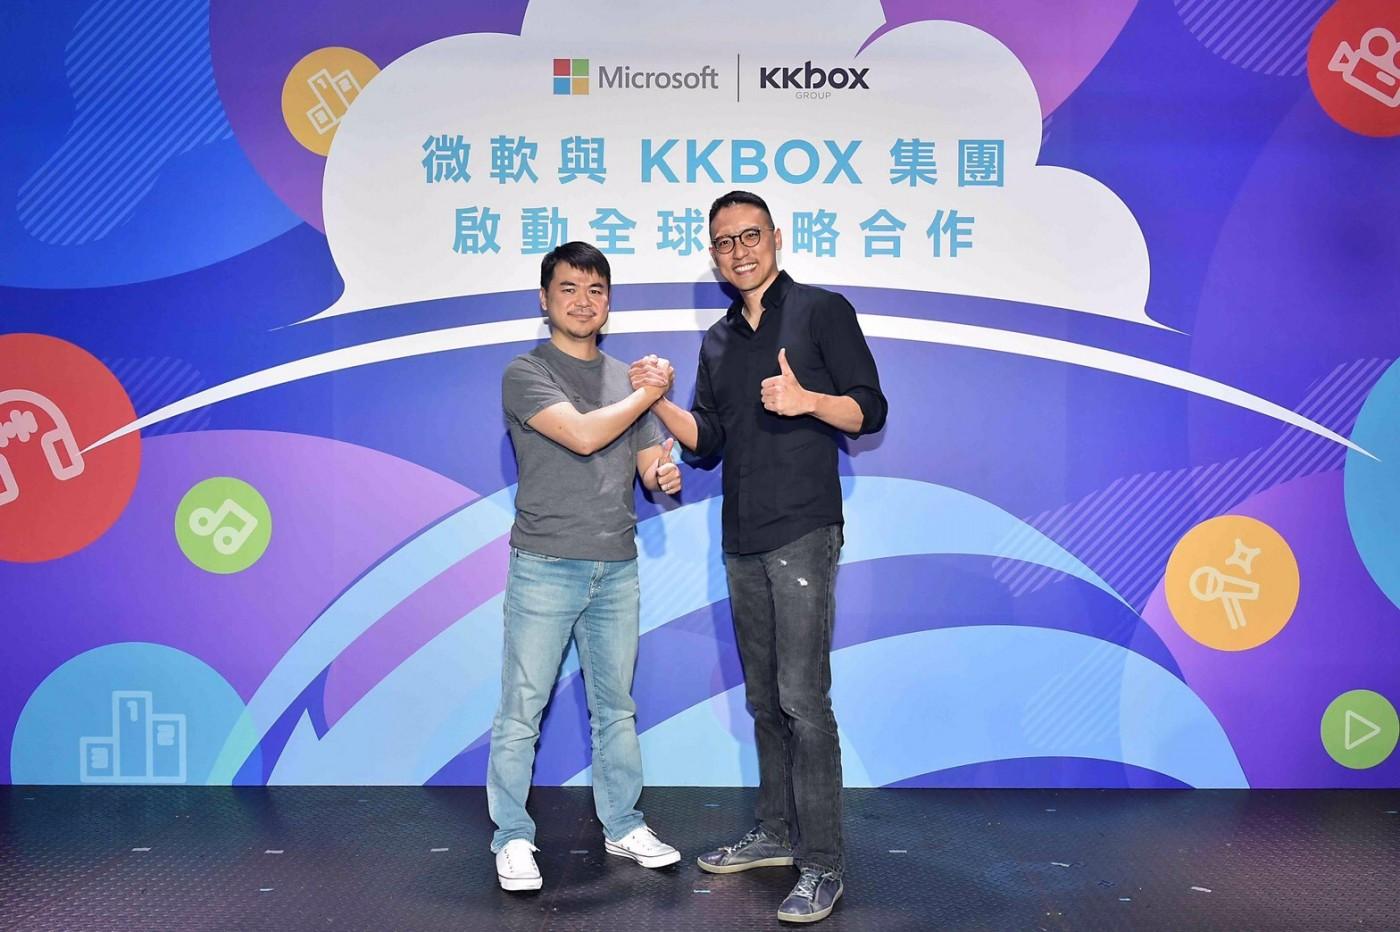 牽手微軟!KKBOX啟動全球布局,旗下影音串流技術銷往全球